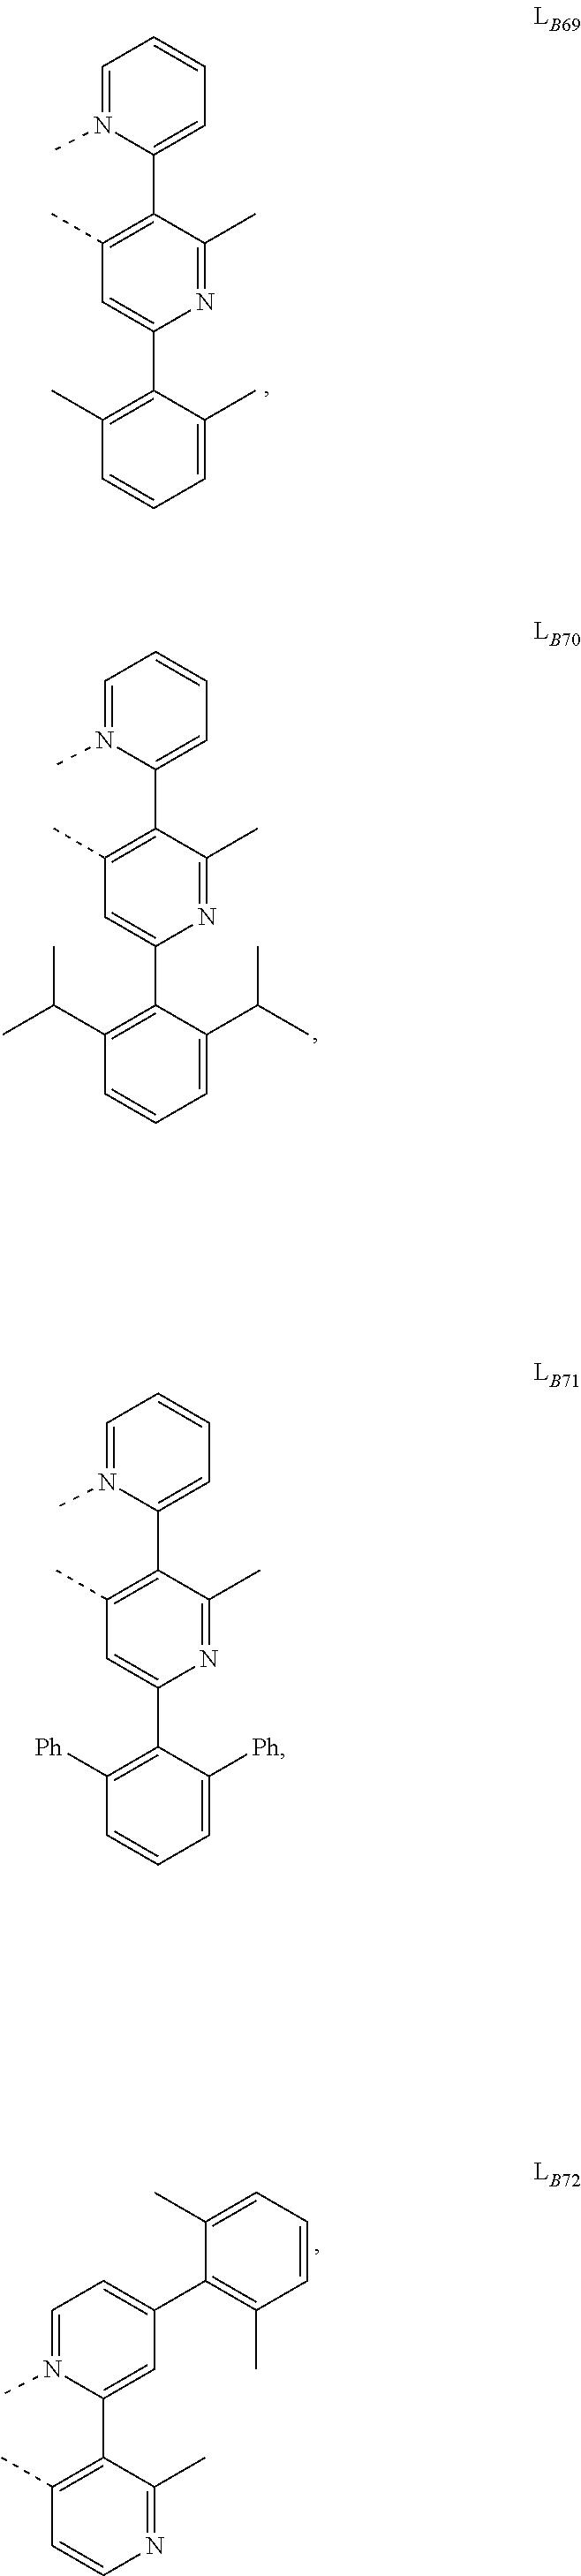 Figure US09905785-20180227-C00118